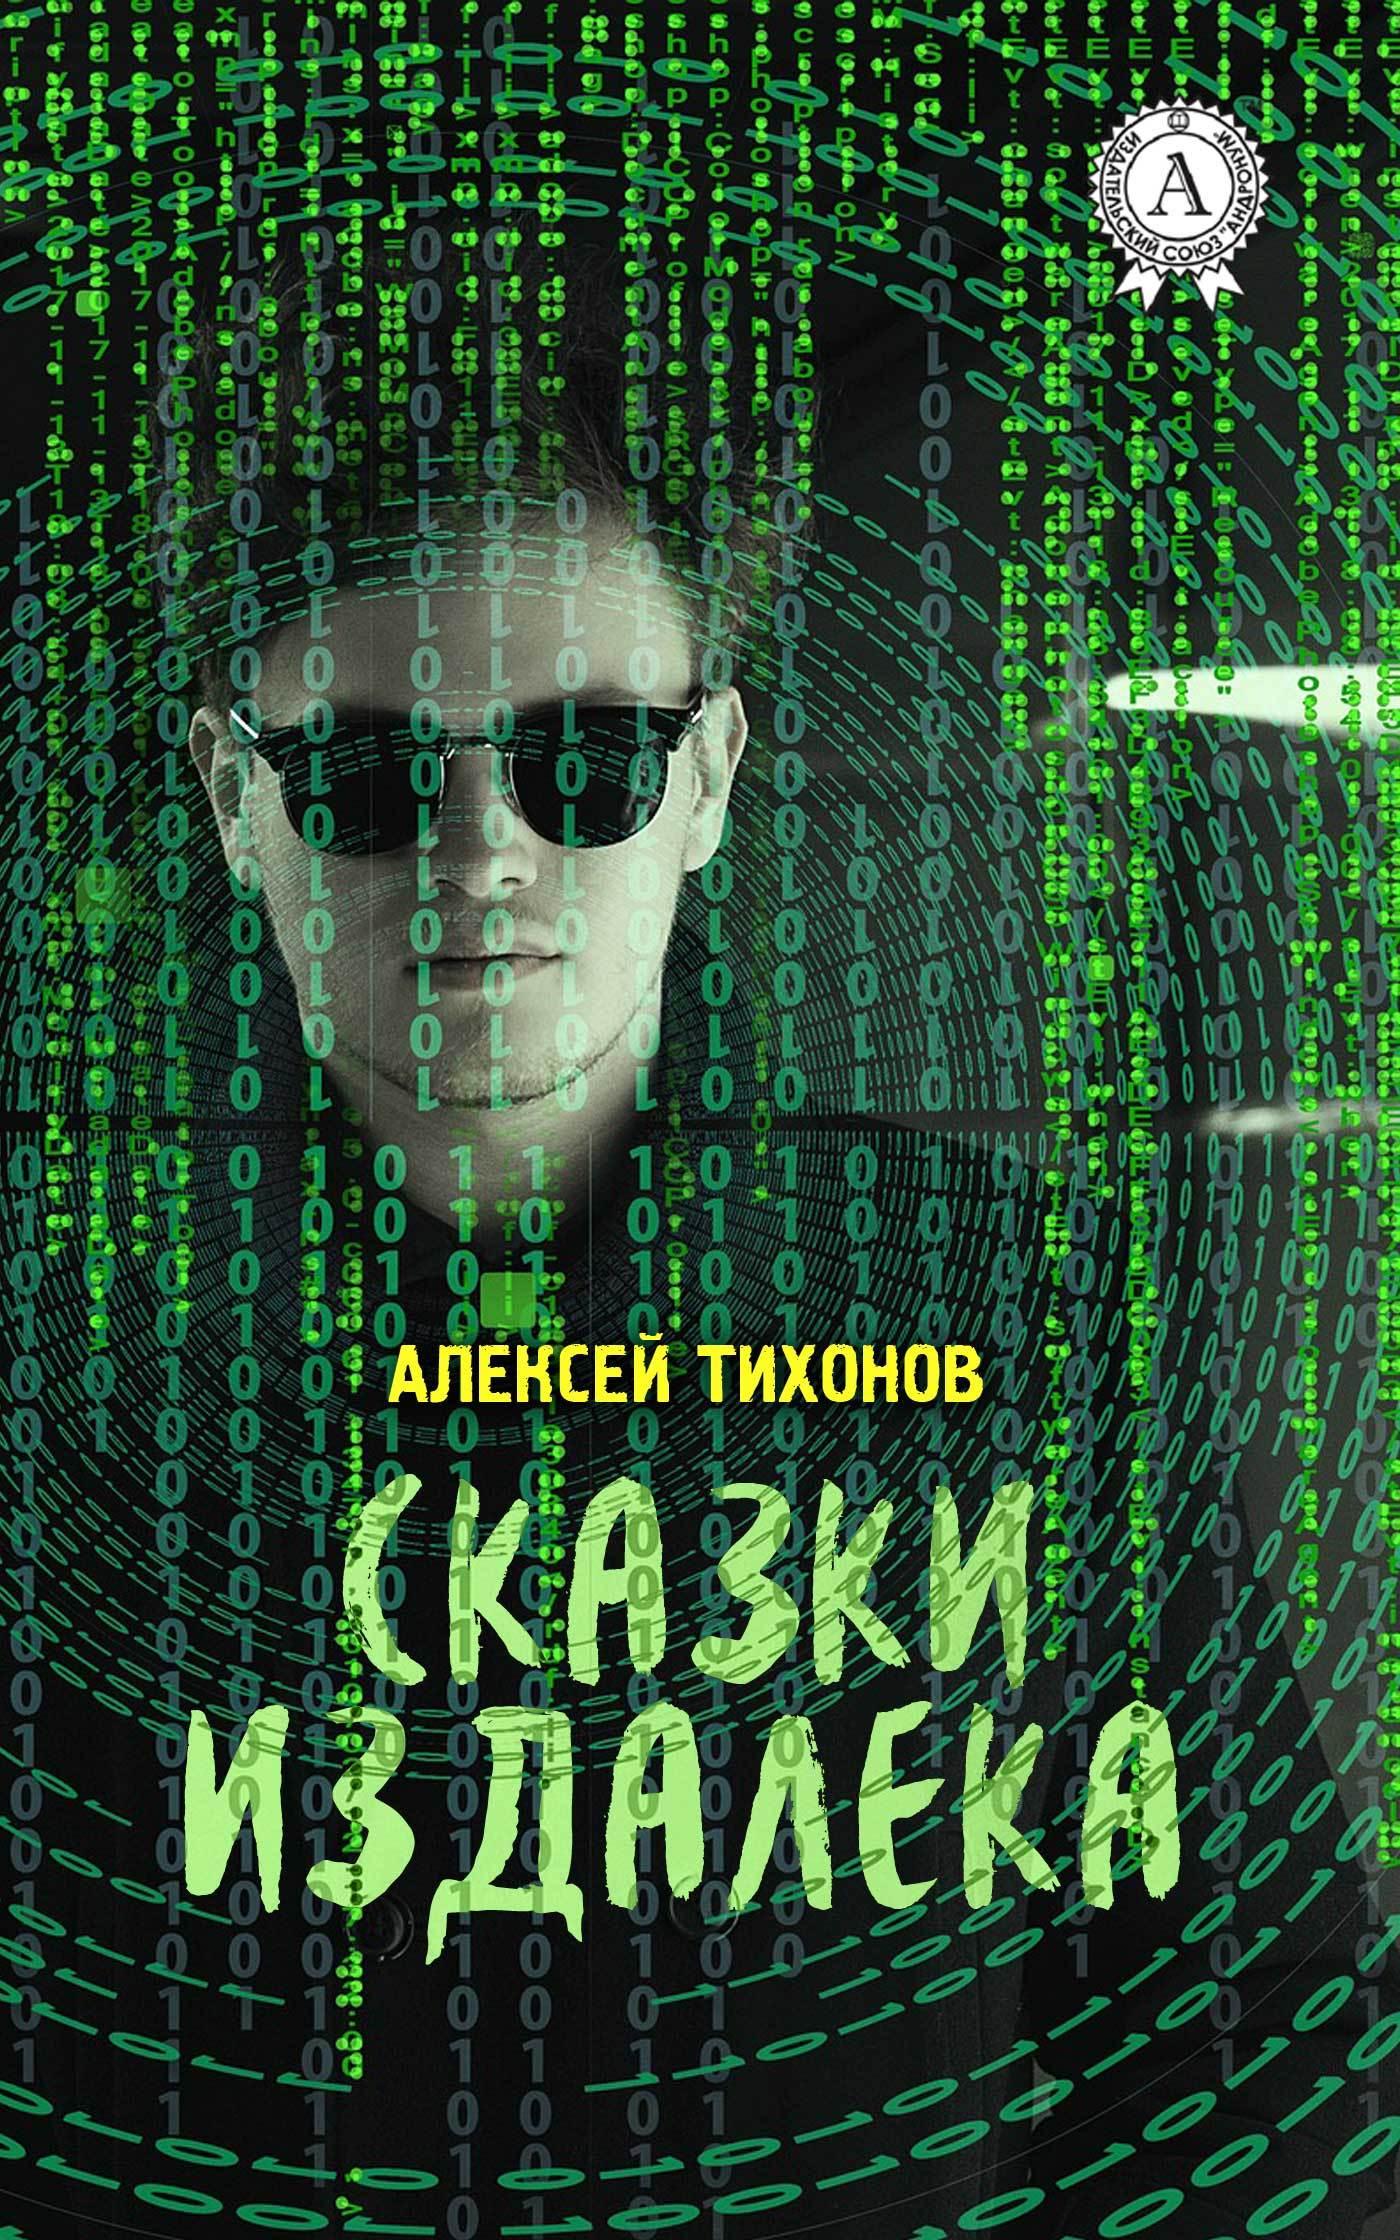 Алексей Тихонов. Сказки издалека